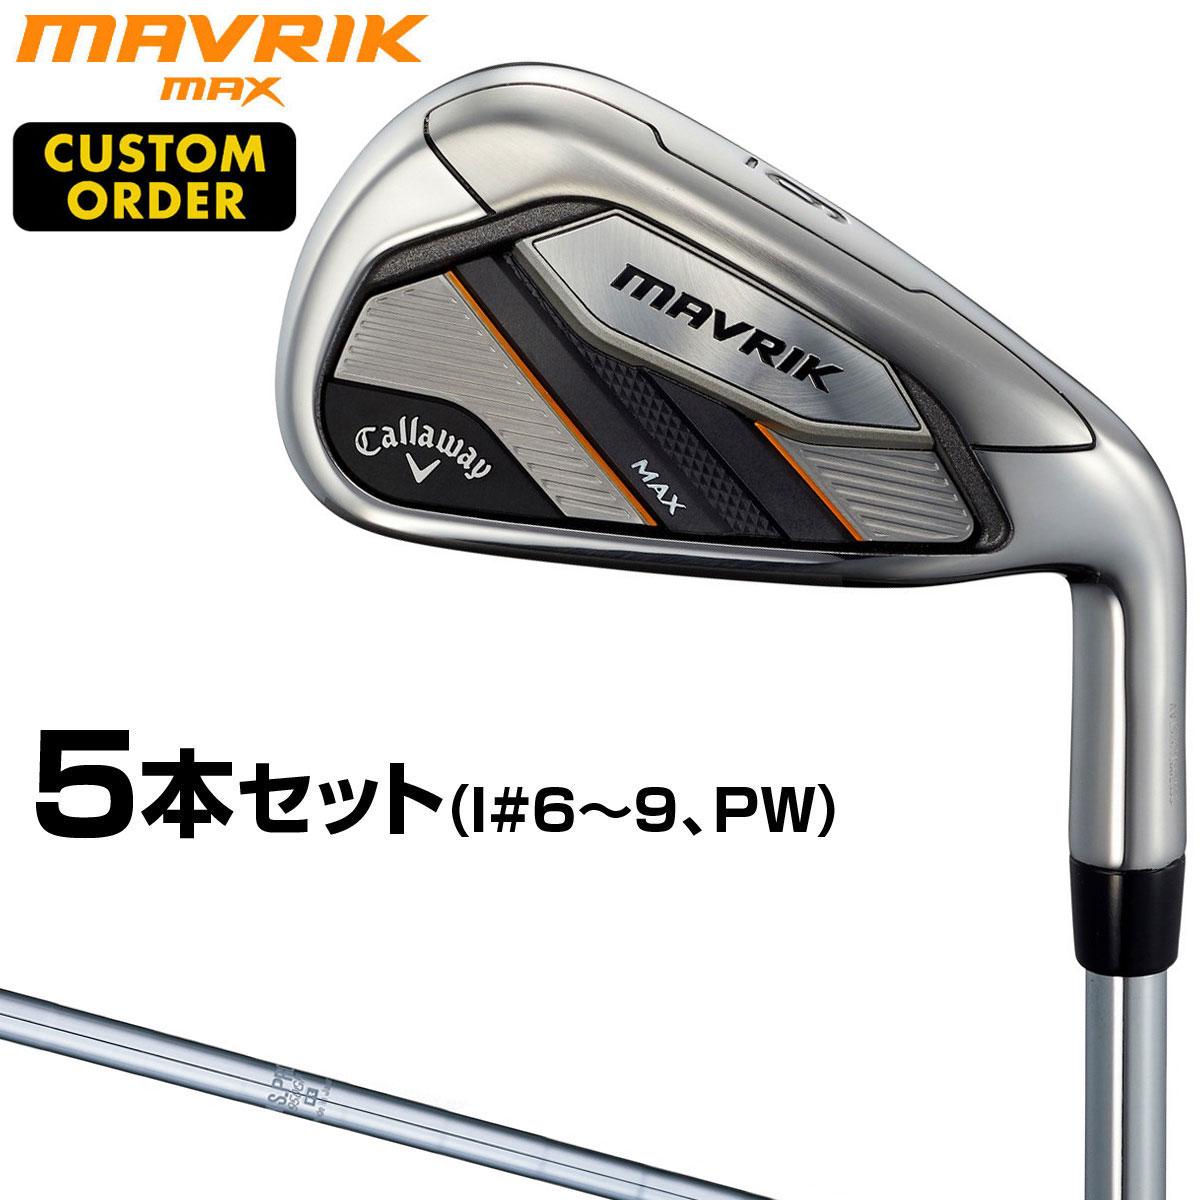 【カスタムクラブ】 Callaway(キャロウェイ)日本正規品 MAVRIK MAX(マーベリックマックス)アイアン 2020新製品 NSPROスチールシャフト 5本セット(I#6~9、PW)